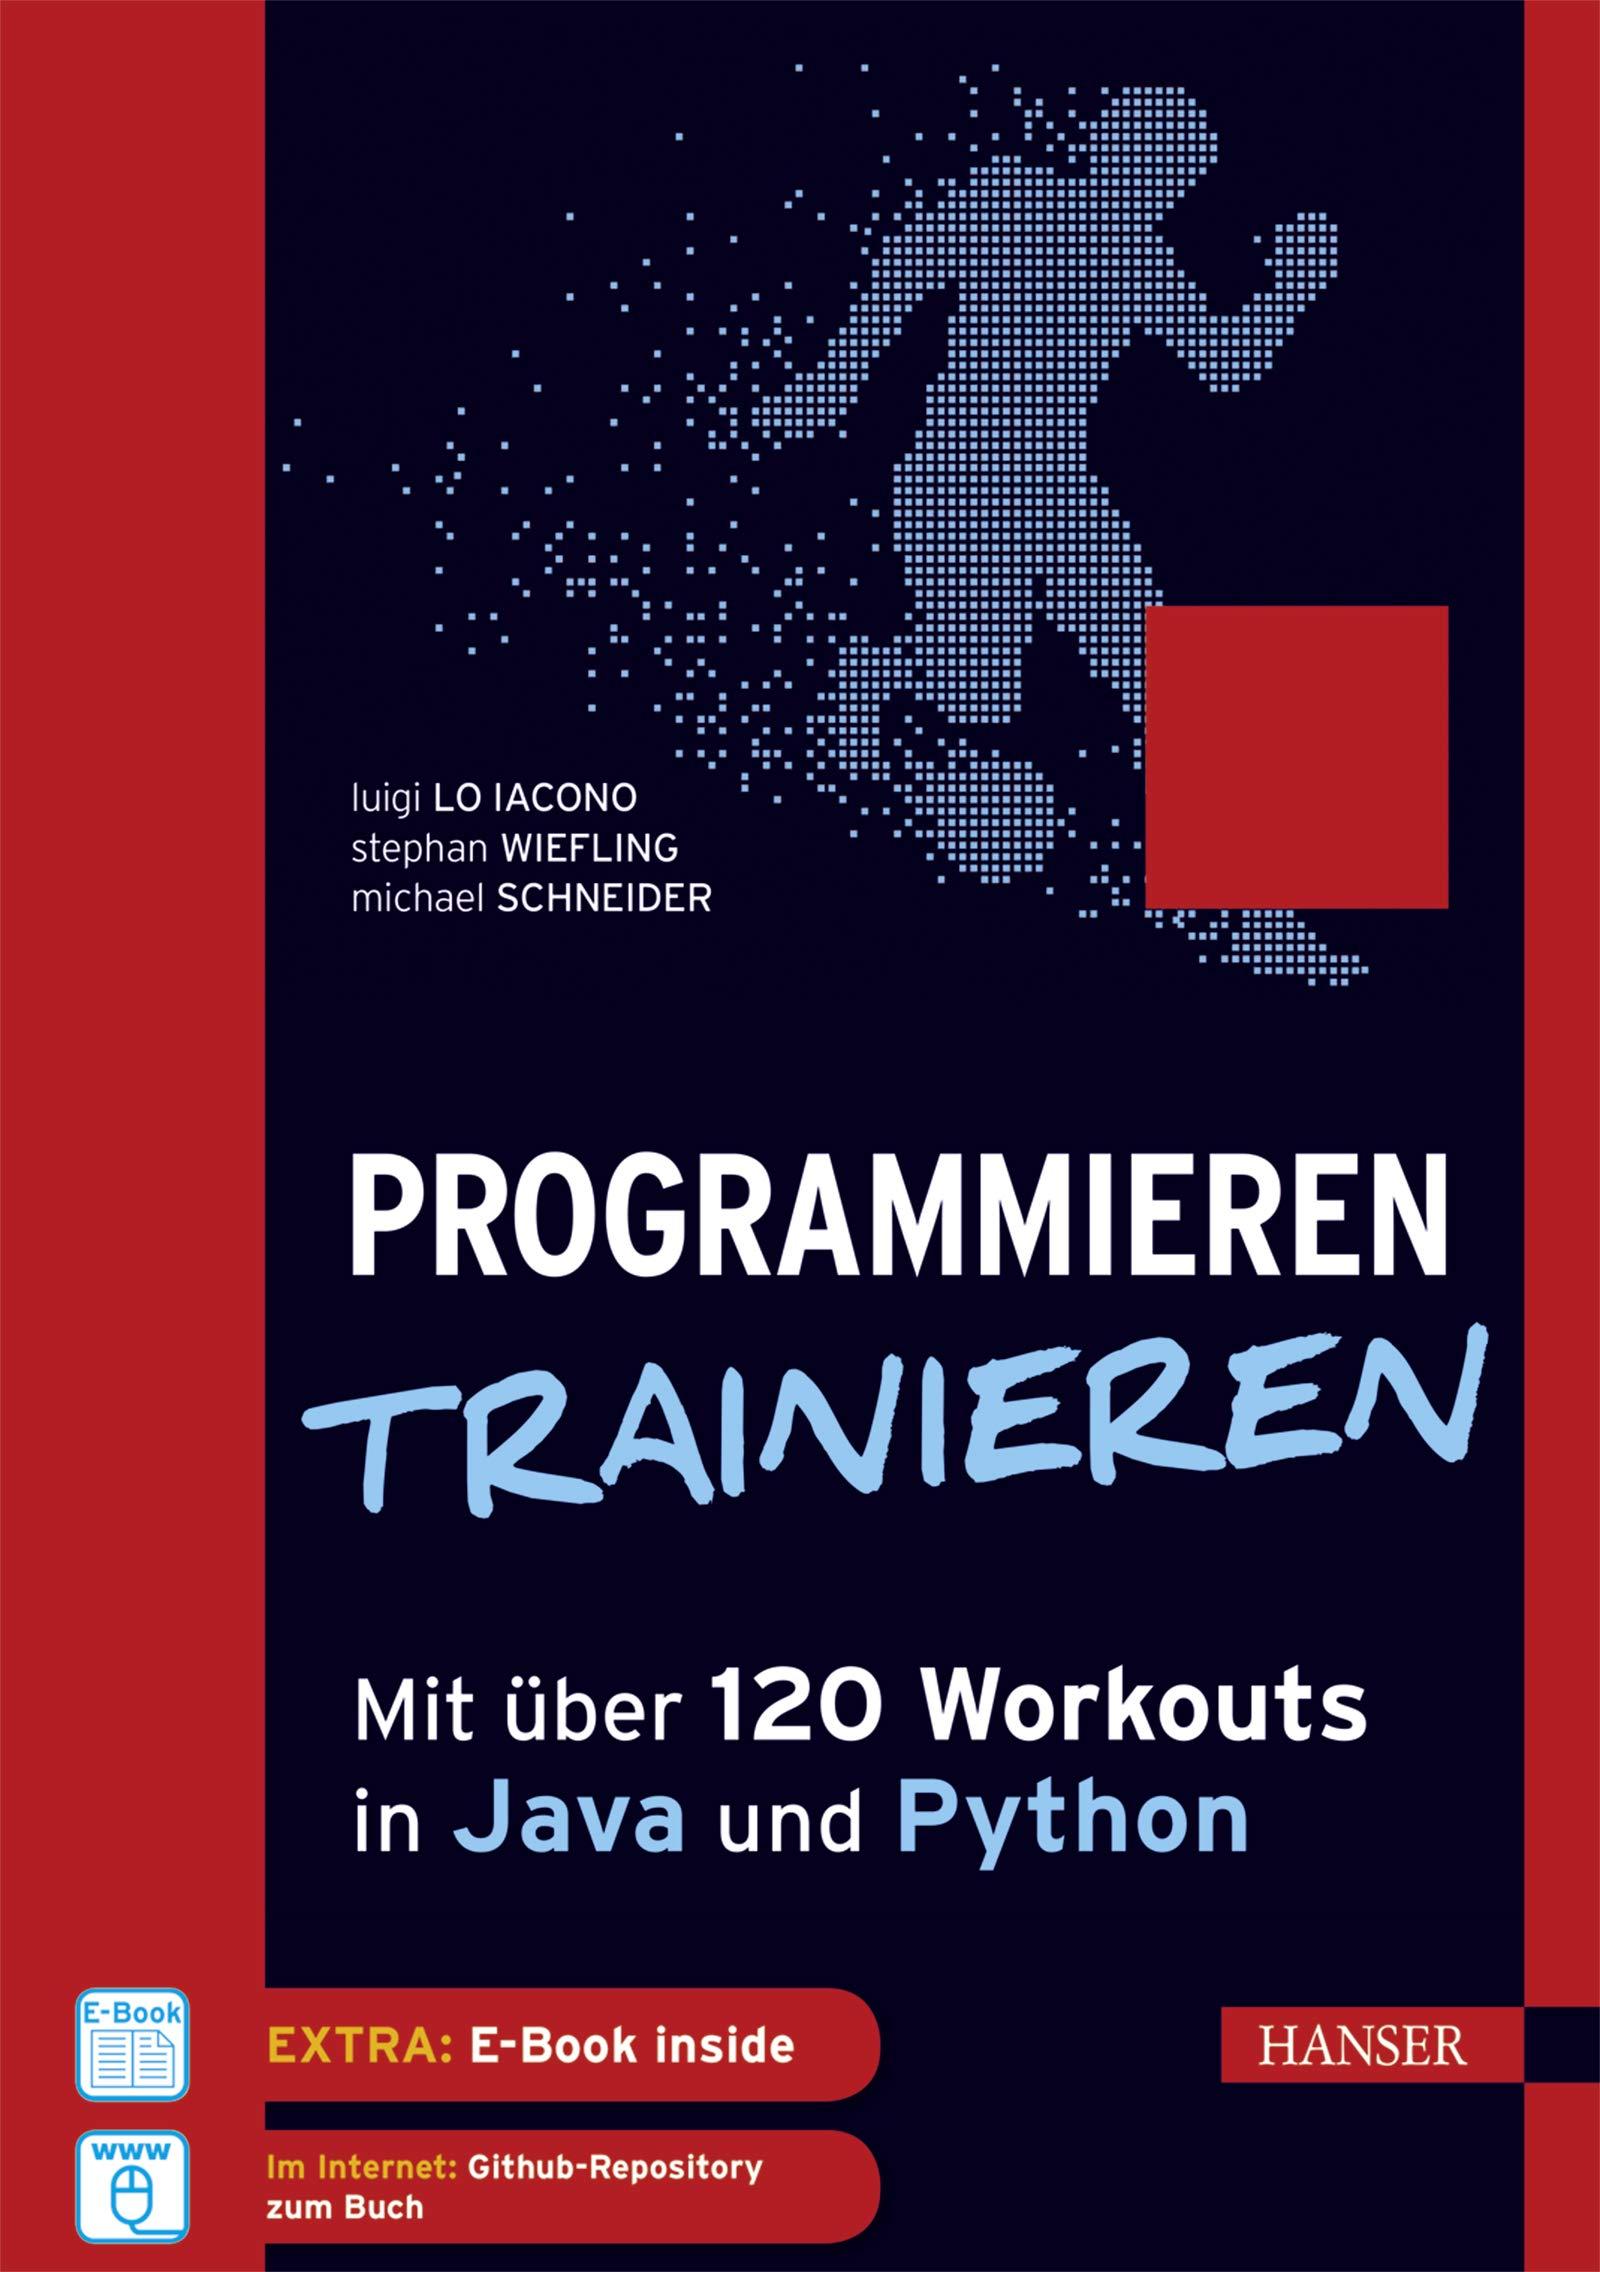 Programmieren trainieren: Mit über 120 Workouts in Java und